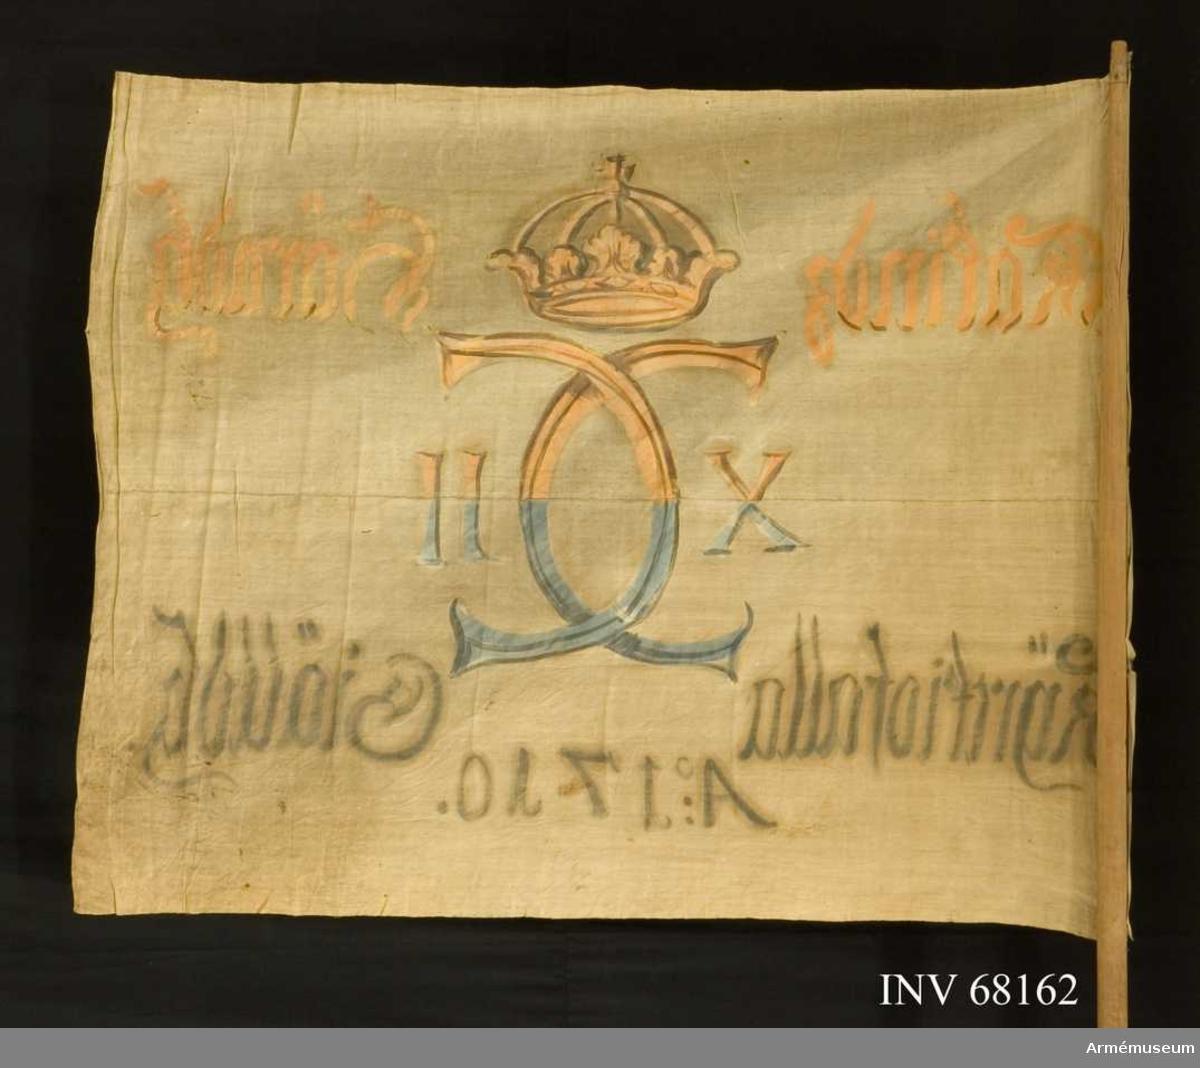 Duk: Tillverkad av enkel vit linnelärft, sammankastad av två våder (horisontell söm). Dukens vertikala fåll lagd åt utsidan. Fäst med en rad mässingsstift.  Dekor: Målad endast på dukens insida (kronan och namnchiffret ifyllt på utsidan) i mitten Carl XII:s namnchiffer med sluten krona krönt, dubbelt C, på ömse sidor om detta X-II i gult och brunt på övre våden, i blått och svart på den nedre. Text på ömse sidor om chiffret, upptill i gult och nedtill i svart. Under chiffret text i svart.  Stång: Tillverkad av trä, avsågad. Avsmalnande upptill och nedtill (avfasad).